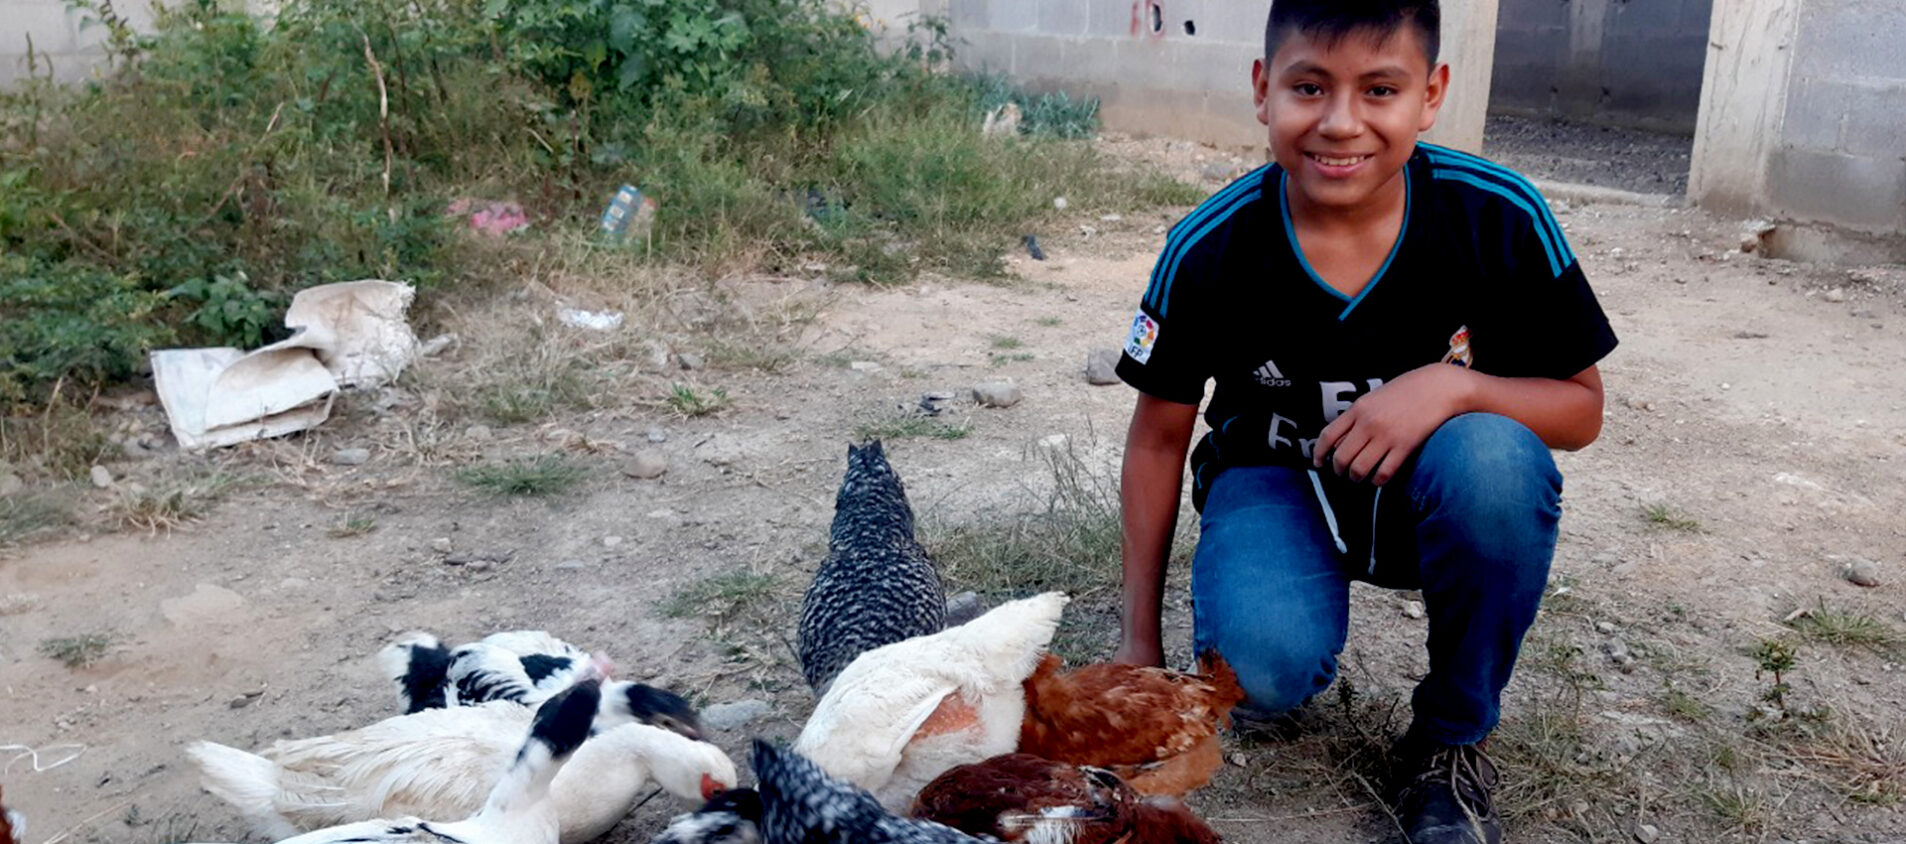 Cristian i Guatemala tar hand om miljön